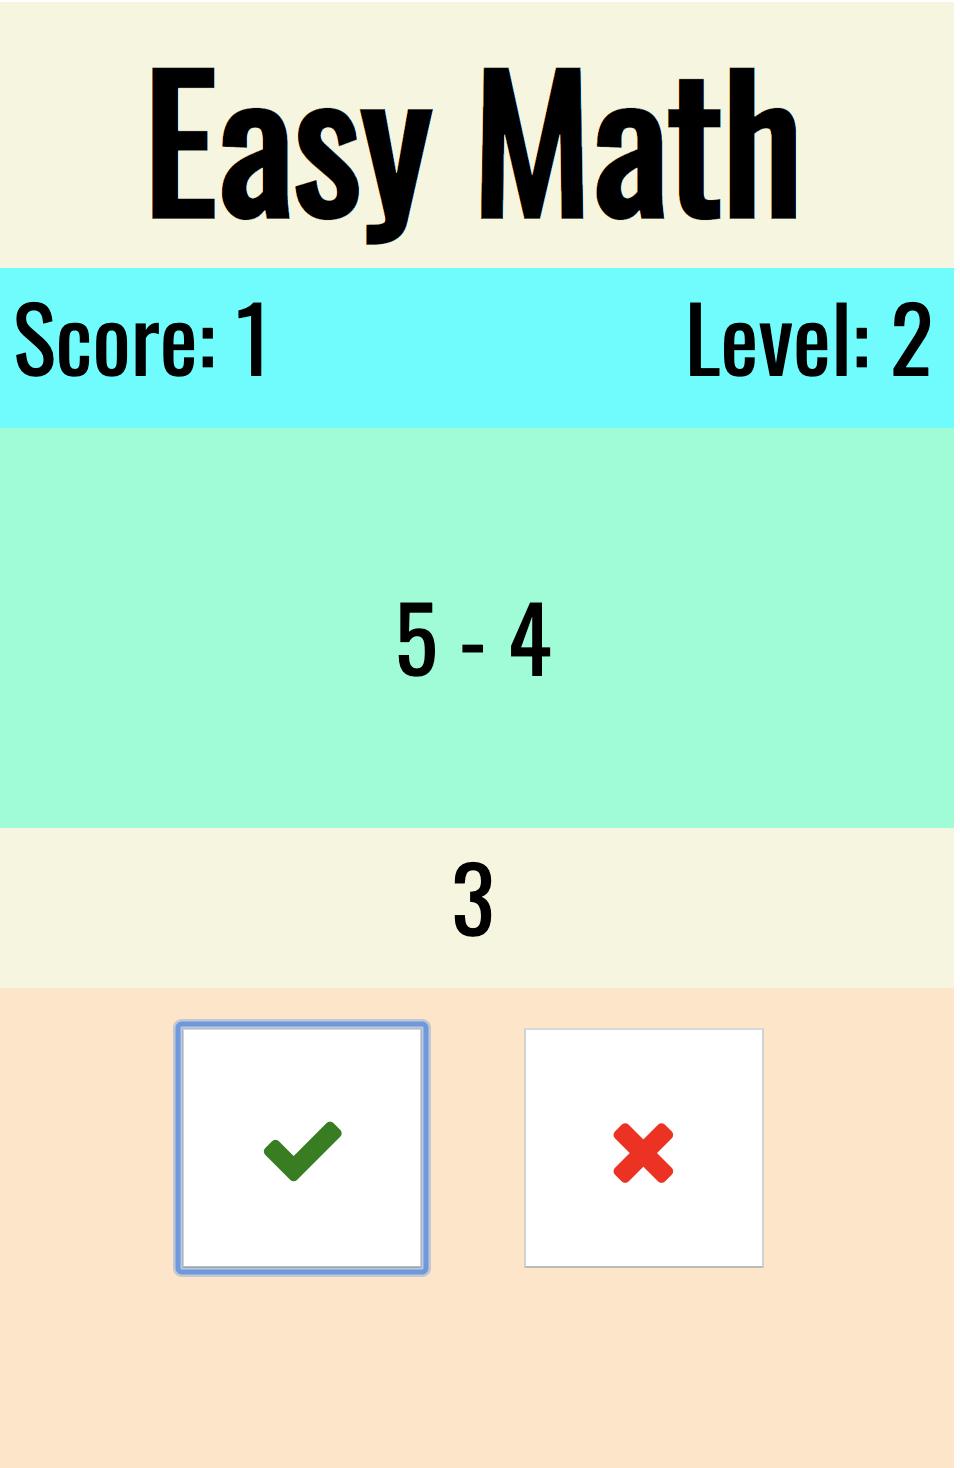 làm game Easy Math với Javascript